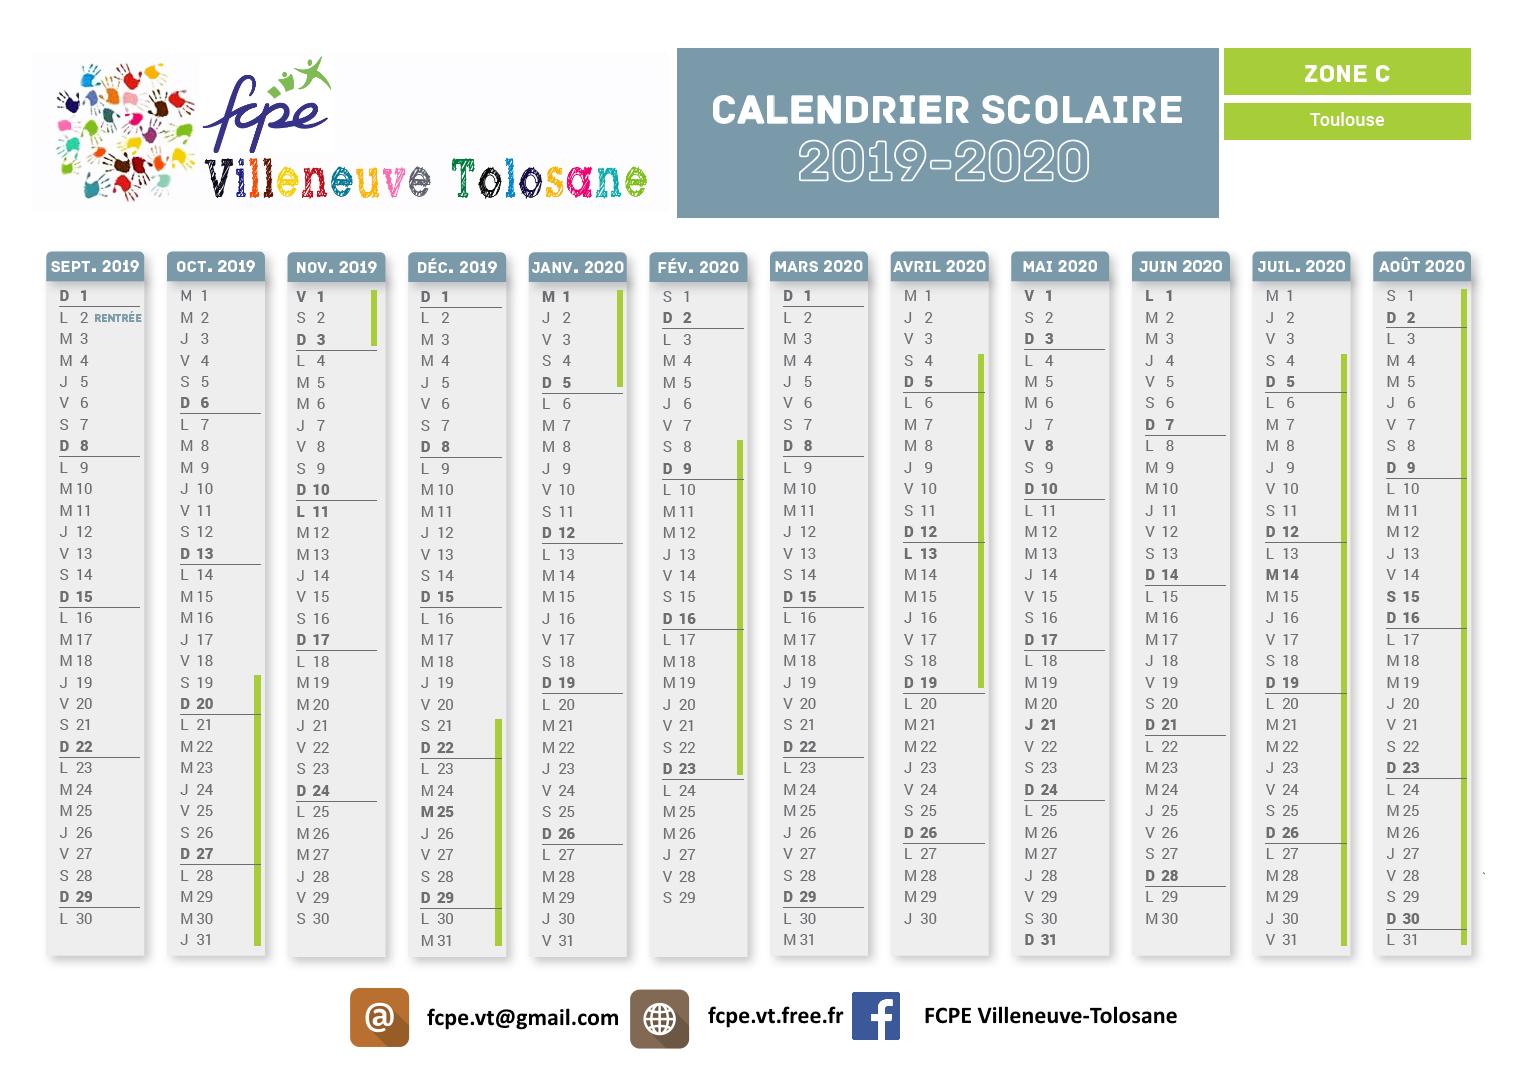 Calendrier Scolaire2019.Calendrier Scolaire 2019 2020 Fcpe Villeneuve Tolosane